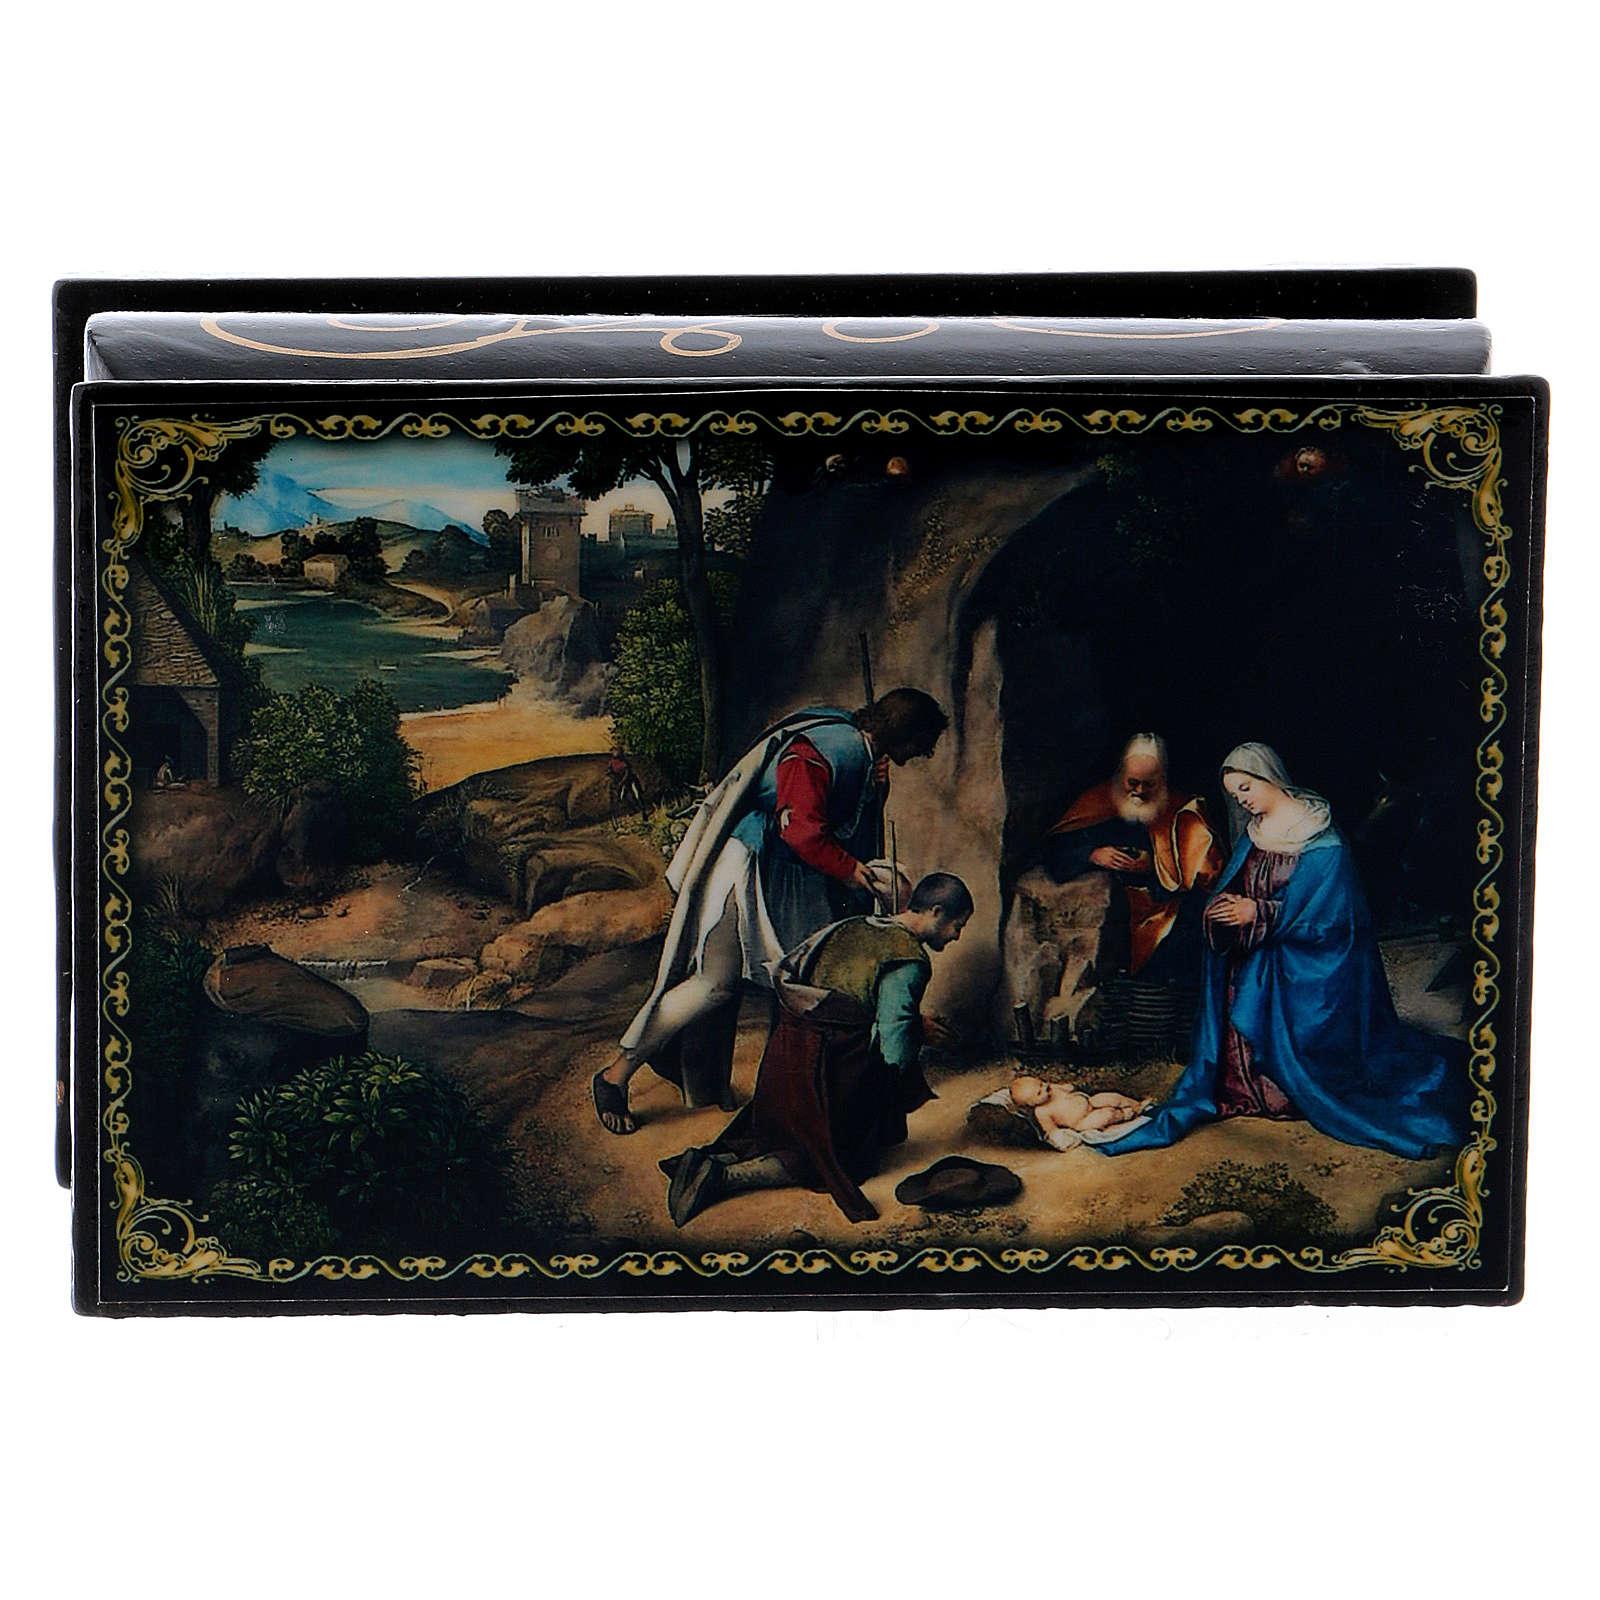 Scatola lacca russa l'Adorazione dei Pastori 9X6 cm 4